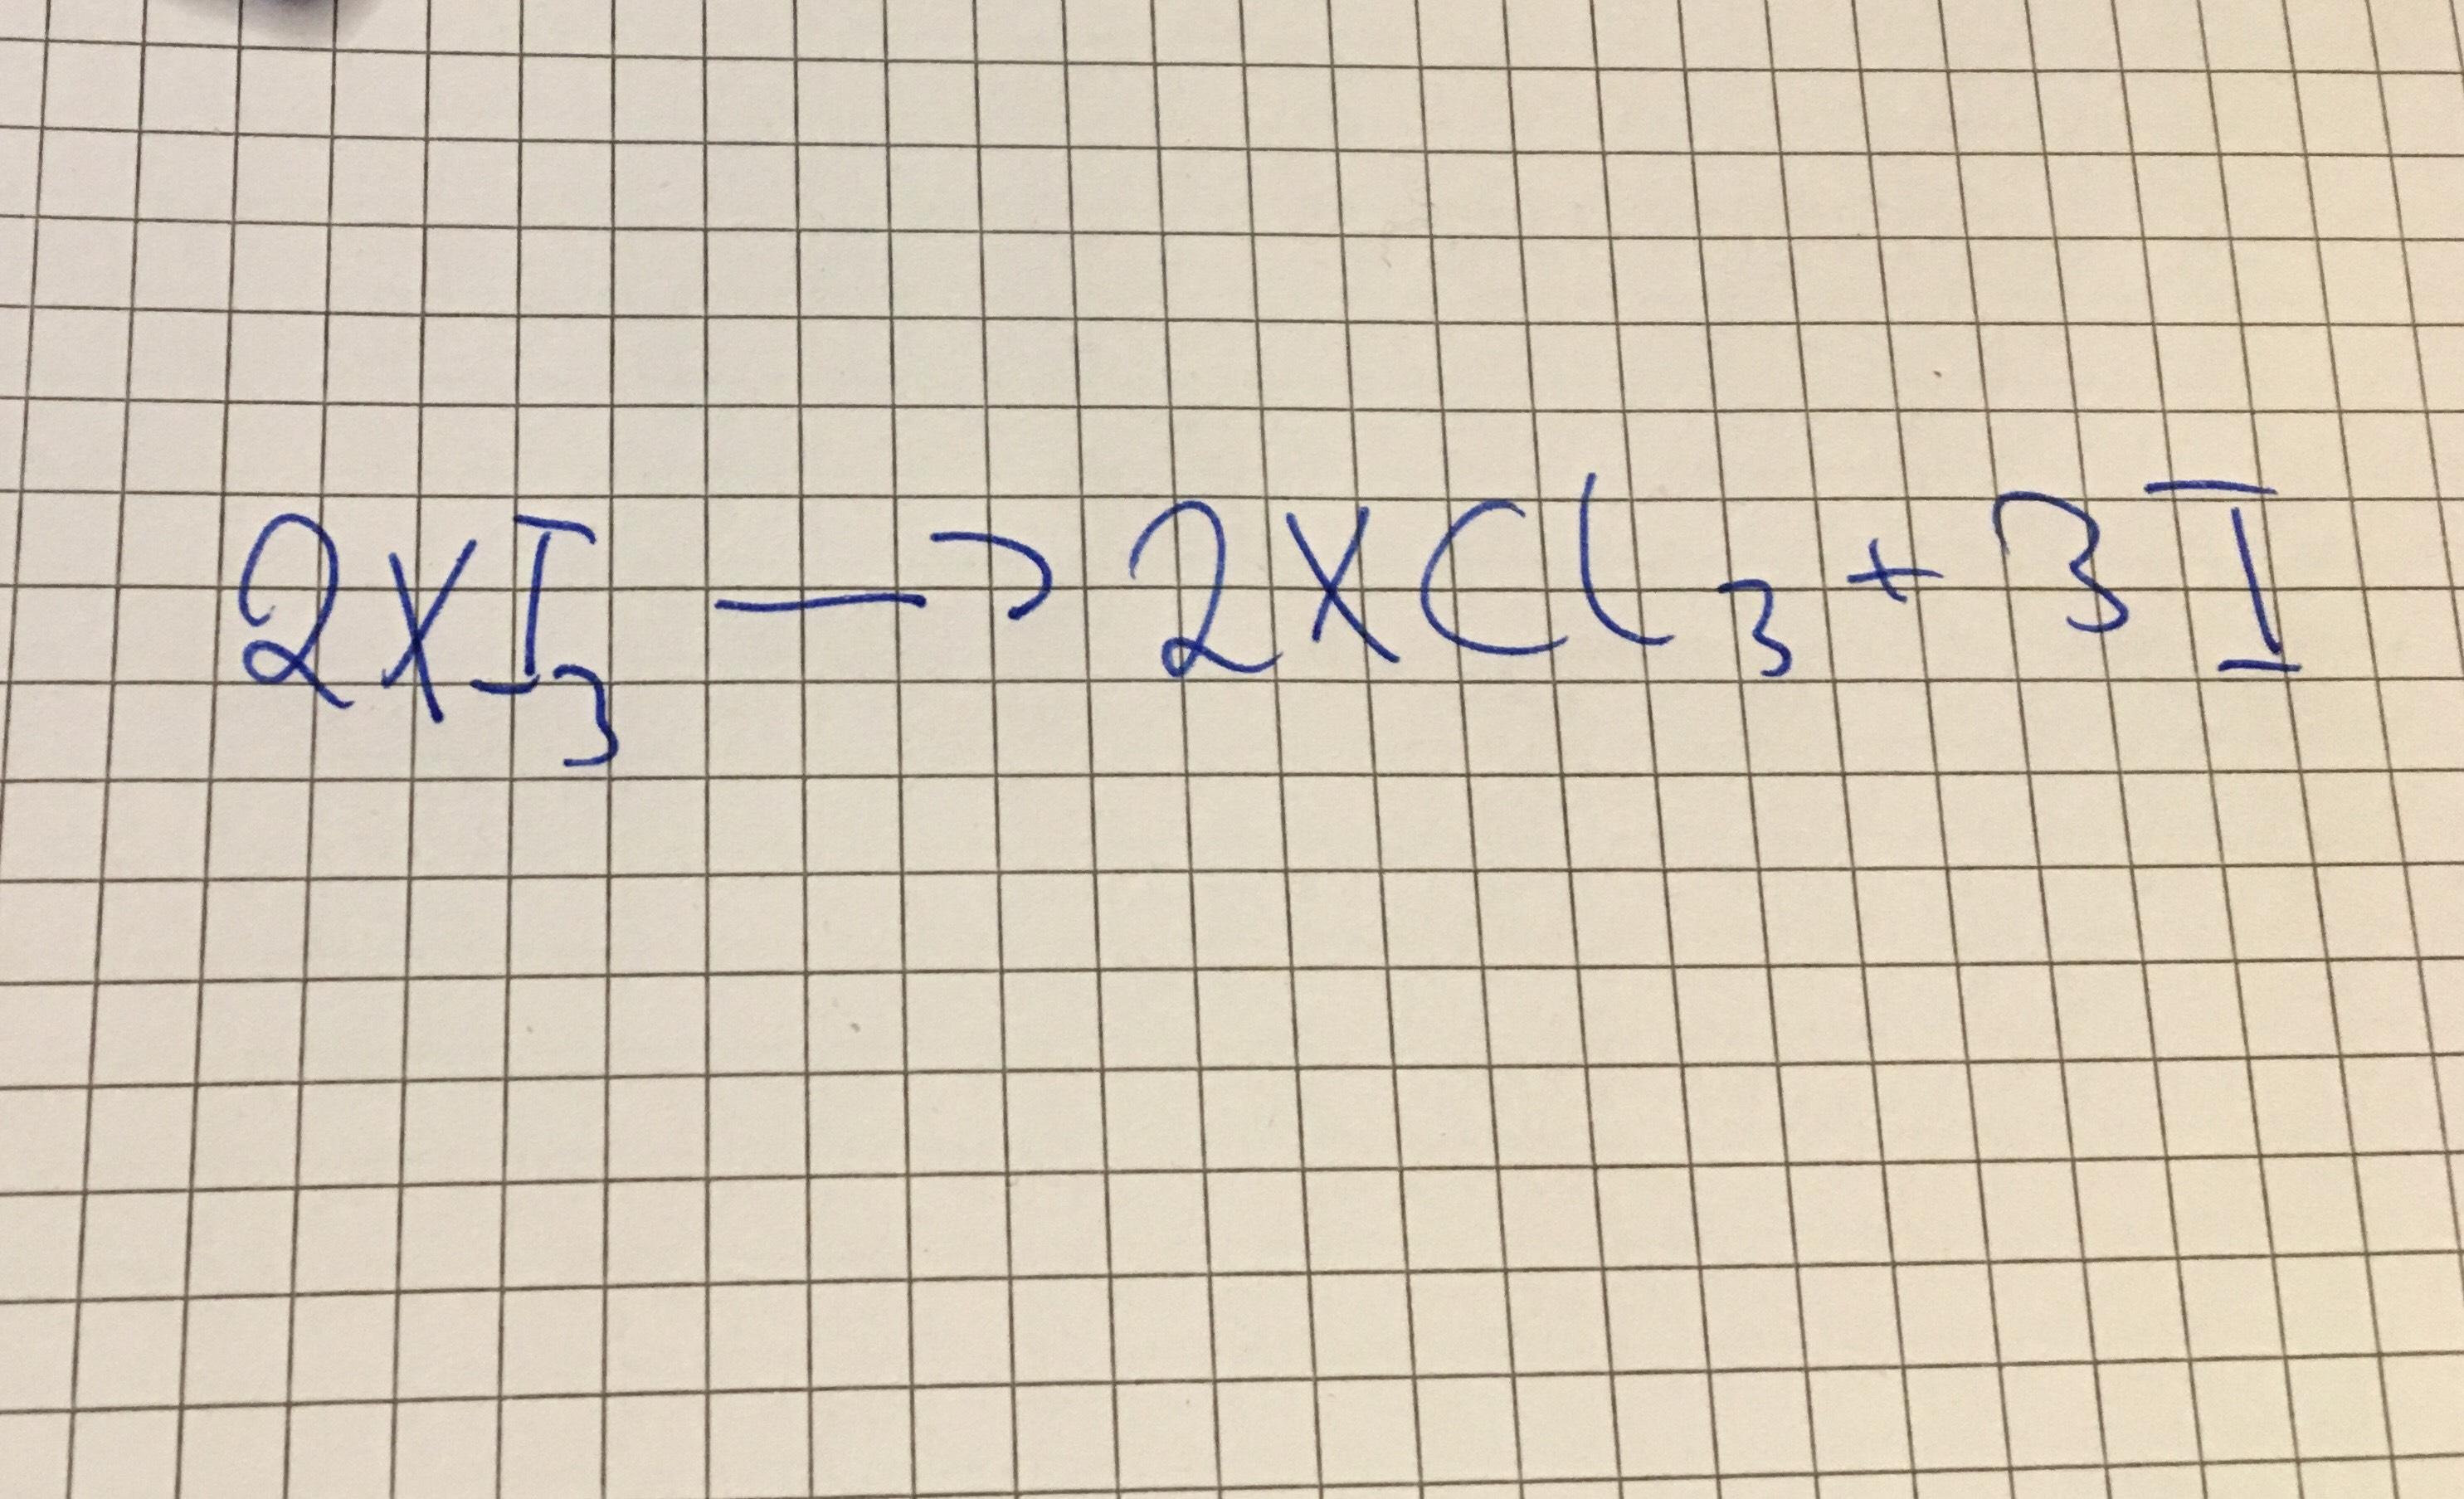 Um welches Element handelt es sich bei X? (Schule, Mathematik, Physik)